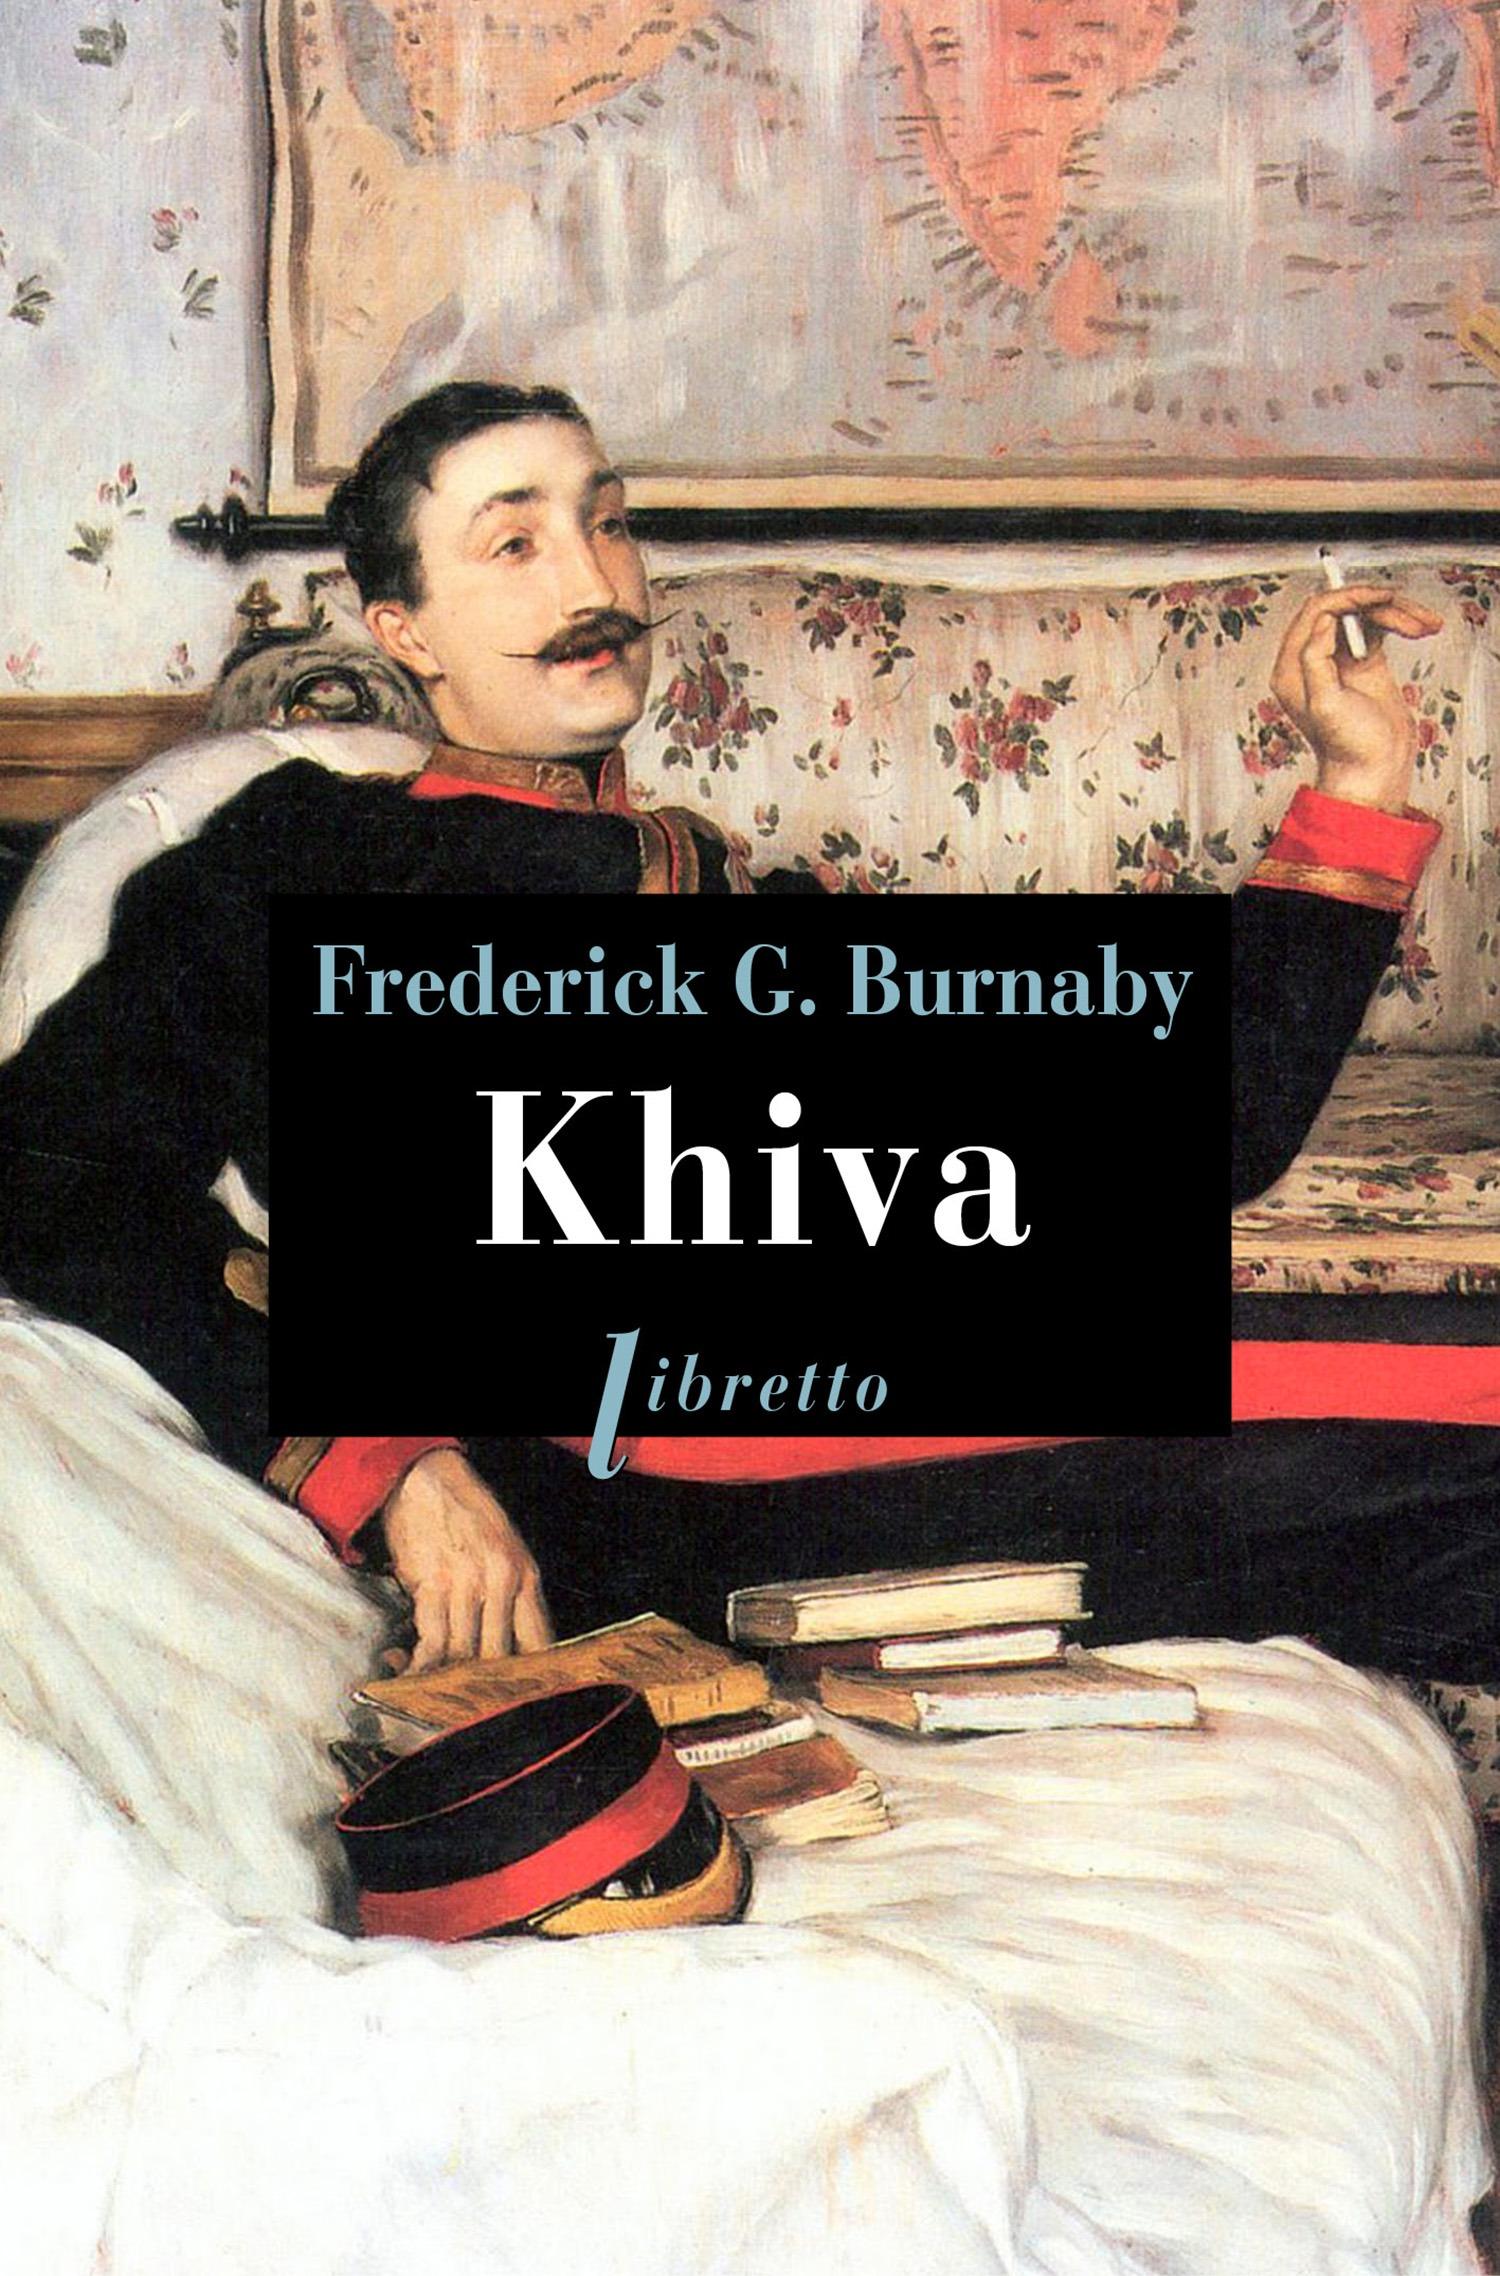 Khiva au galop vers les cités interdites